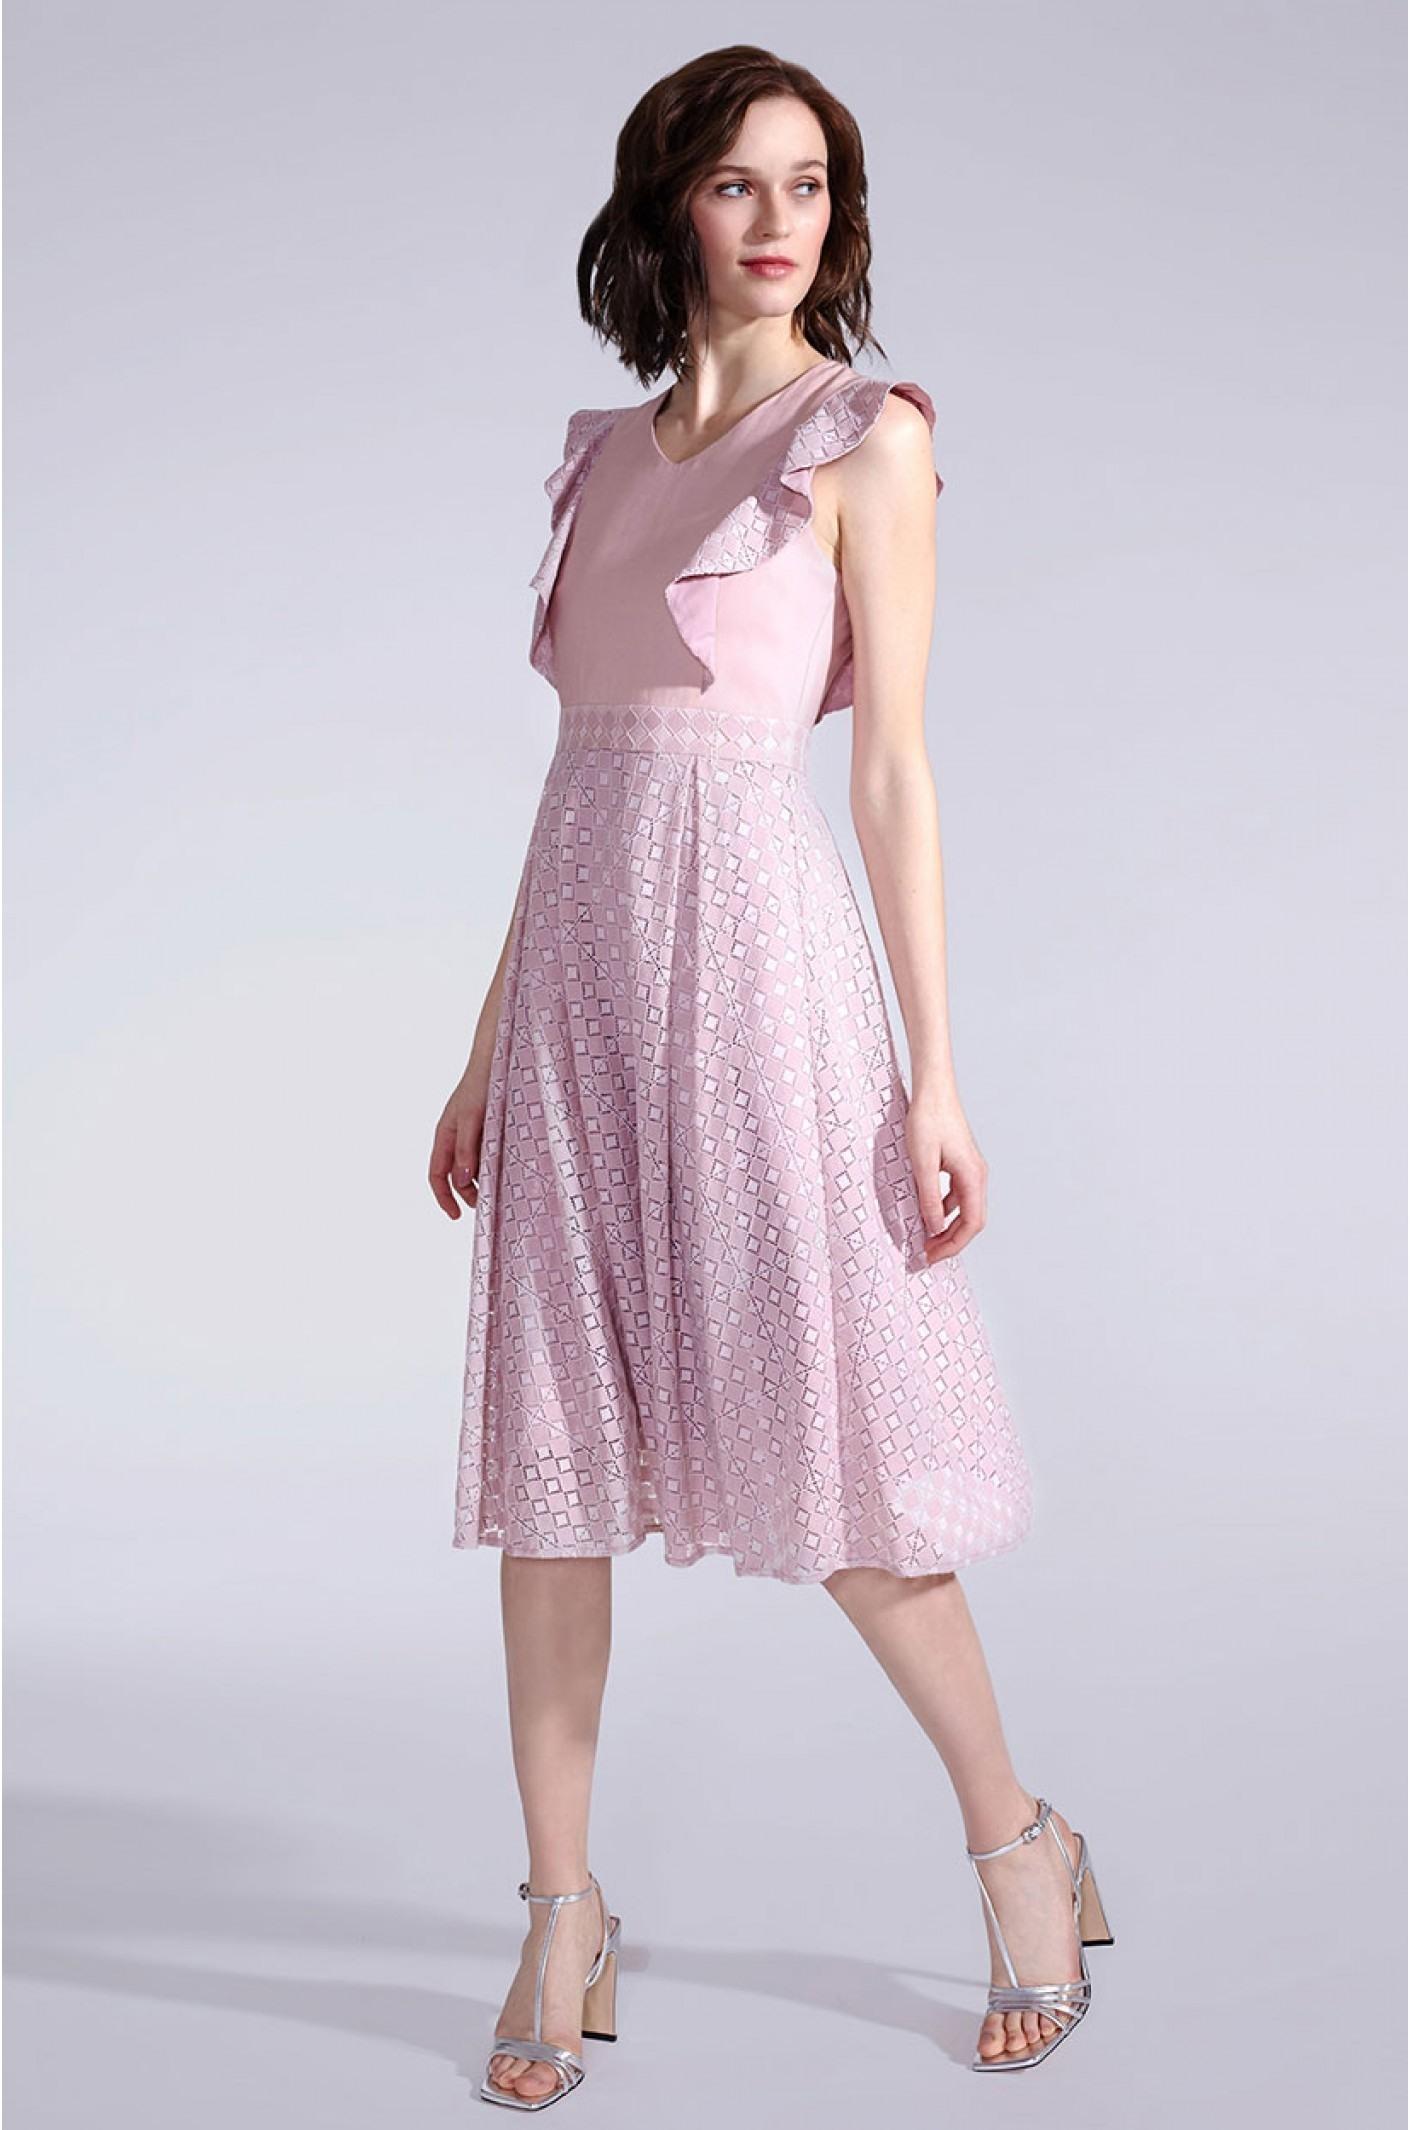 18 Kreativ Kleider Hochzeitsgäste Online Shop Ärmel - Abendkleid